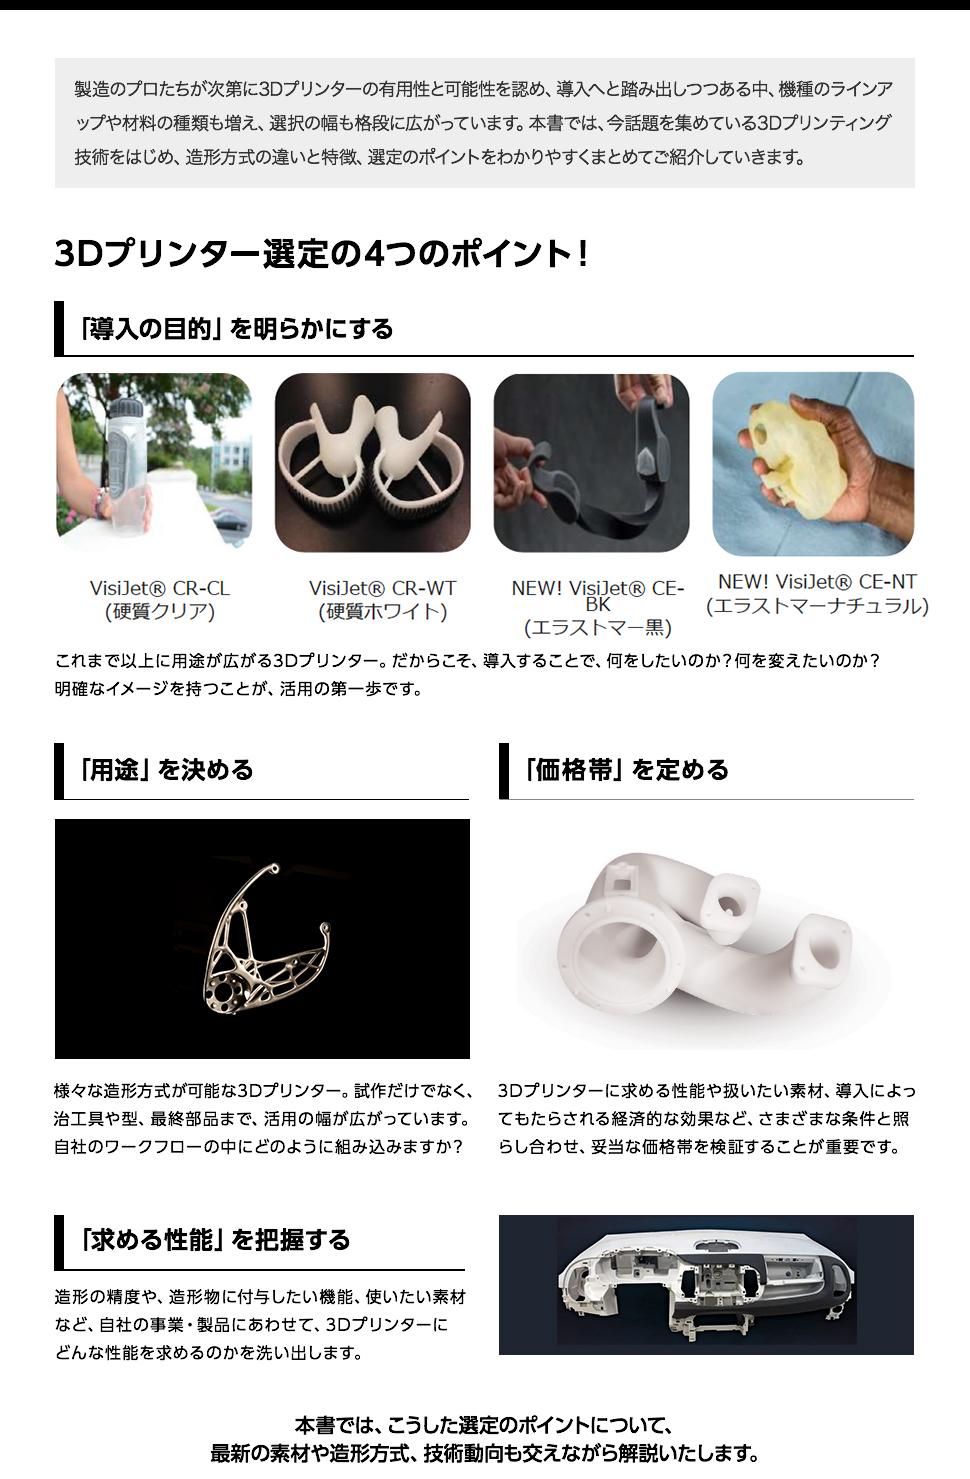 3Dプリンター選定の4つのポイント!